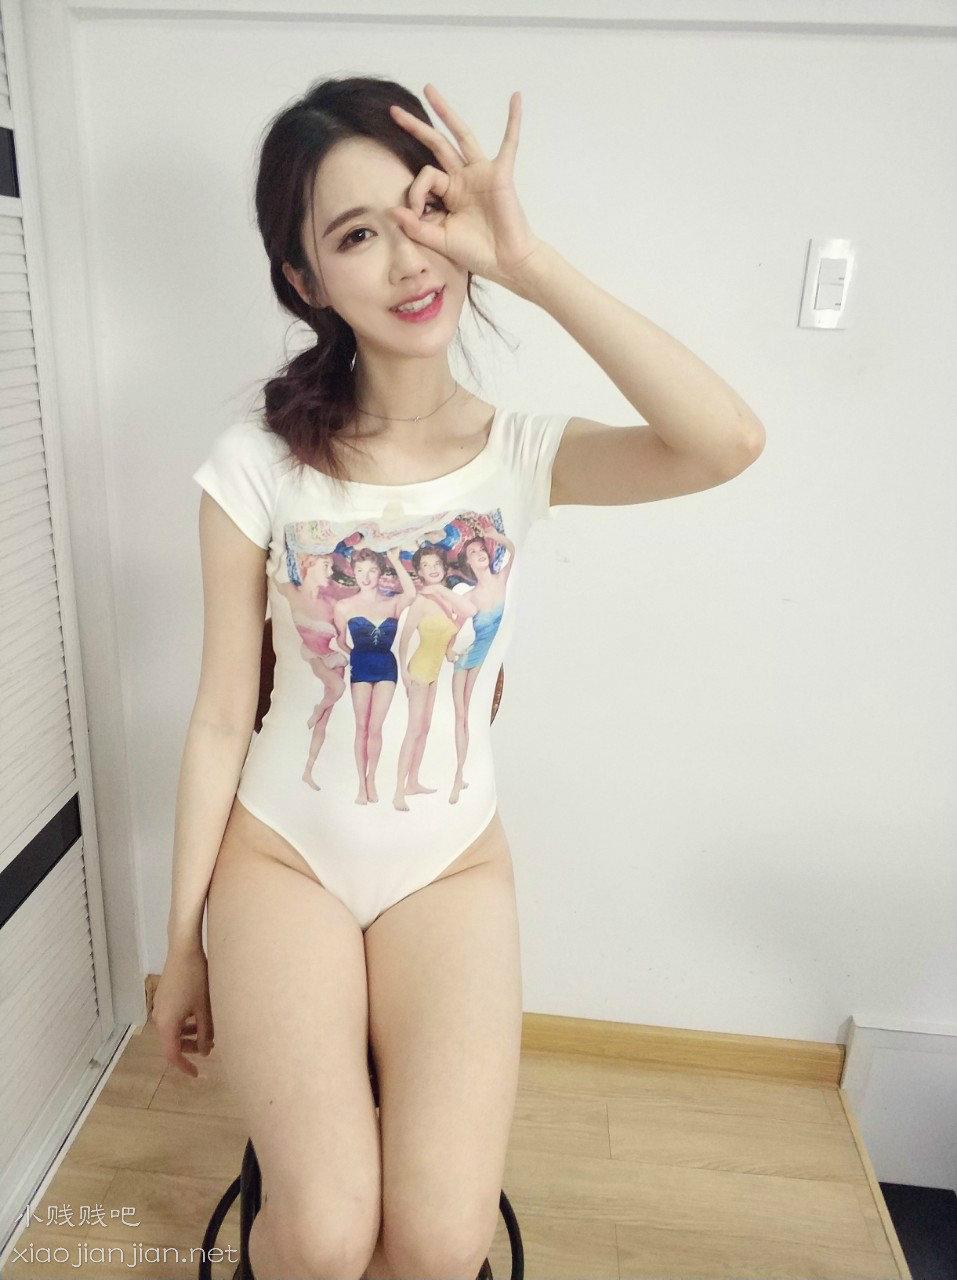 http://tva1.sinaimg.cn/large/0060lm7Tly1g5b7rh46rkj30ql0zk43b.jpg